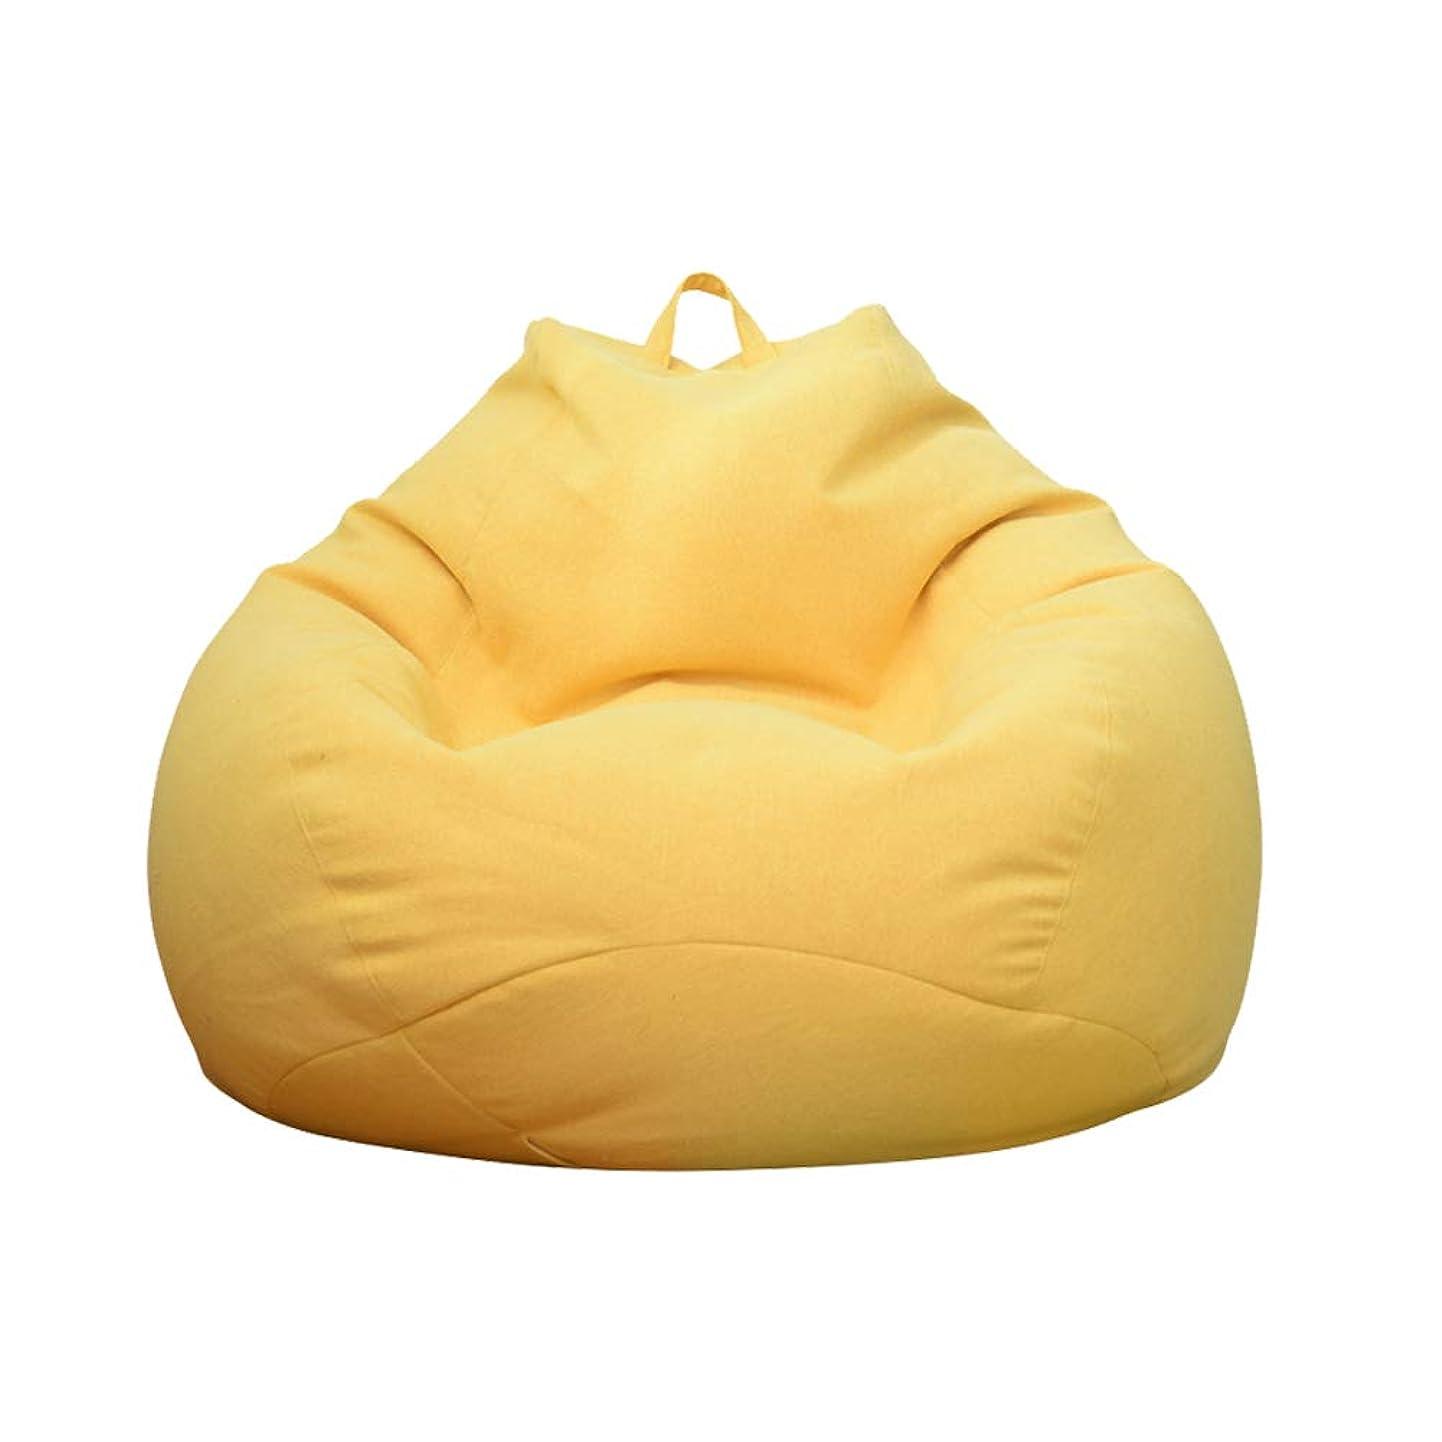 秋つぶやき守るビーズクッション 座布団 座椅子 座布団 腰痛 低反発 無地 取り外し可能 伸縮 軽量 80*90cm イエロー